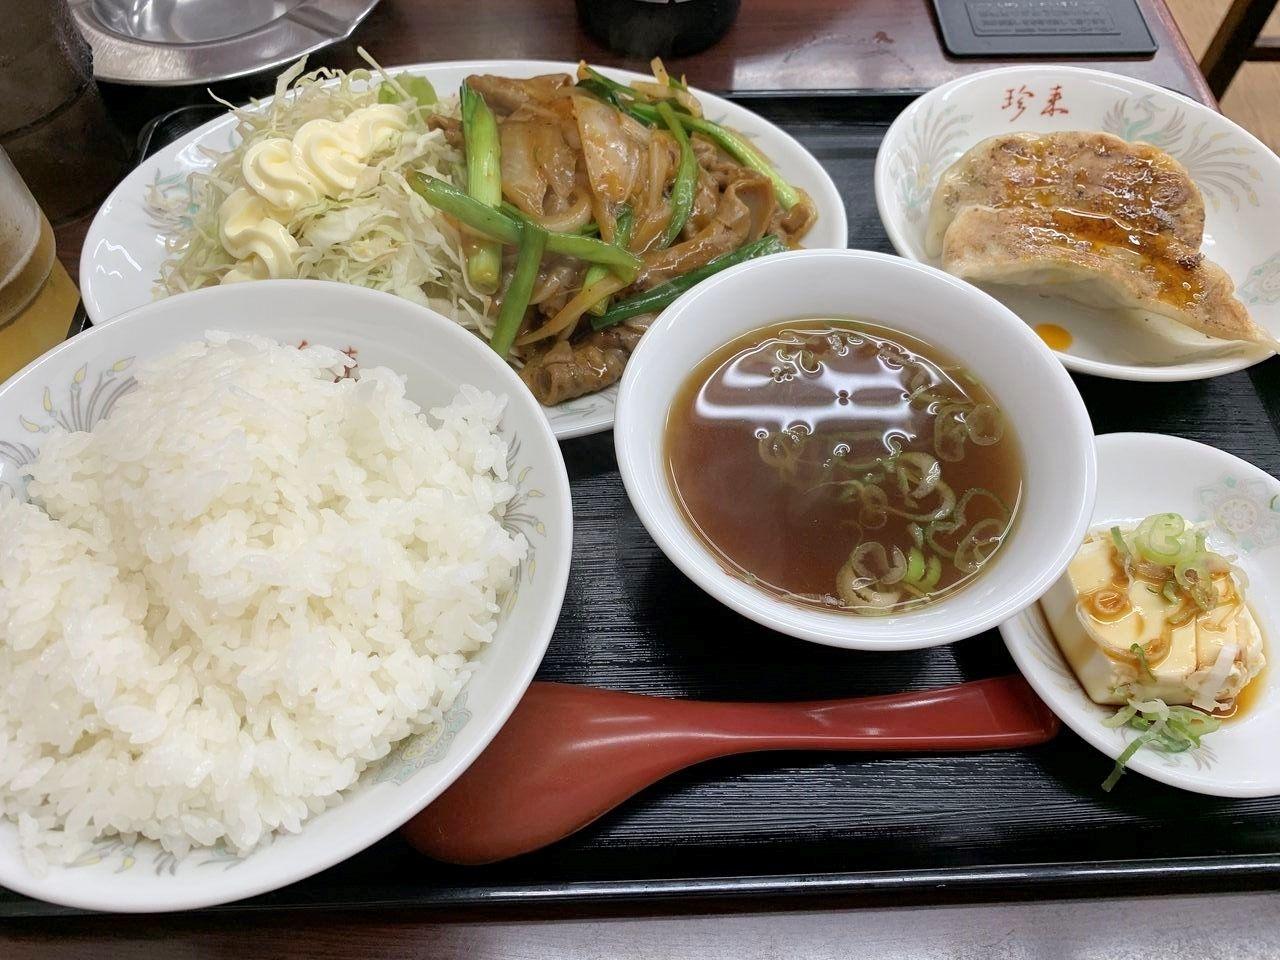 【三郷市食べ歩きブログ】「珍来三郷駅前店」へ